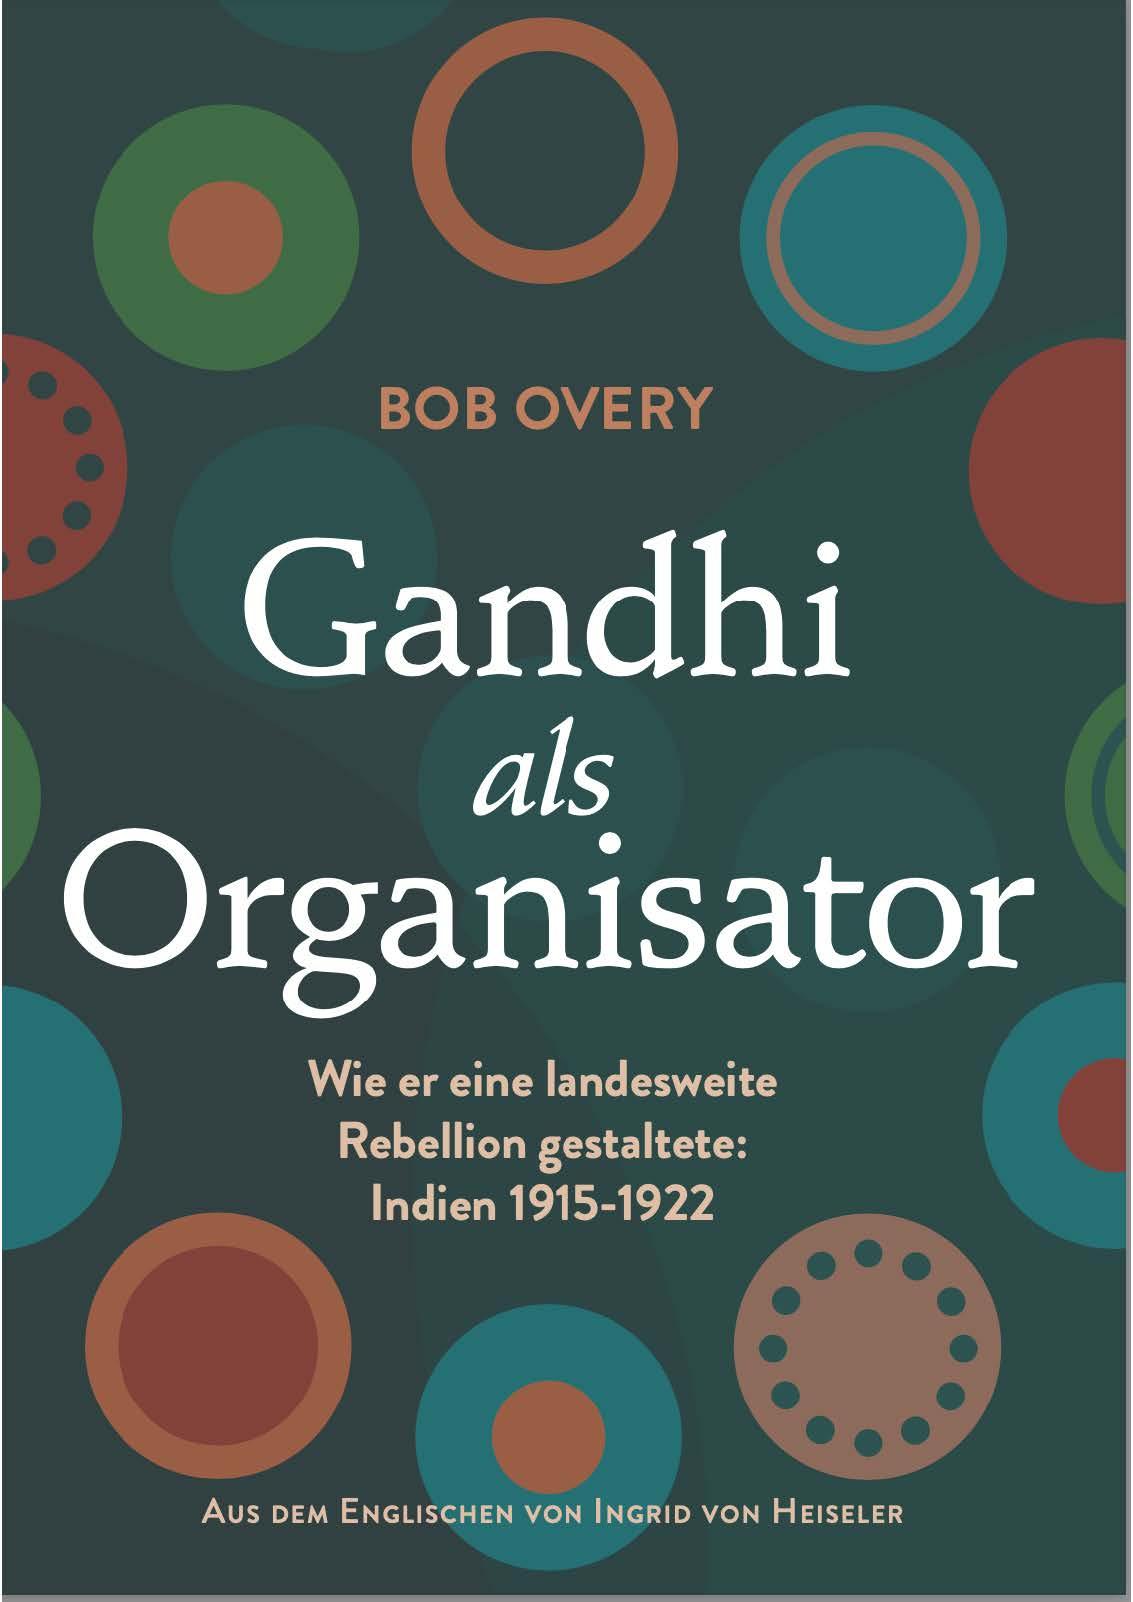 Gandhi als Organisator: Wie er eine landesweite Rebellion gestaltete: Indien 1915-1922